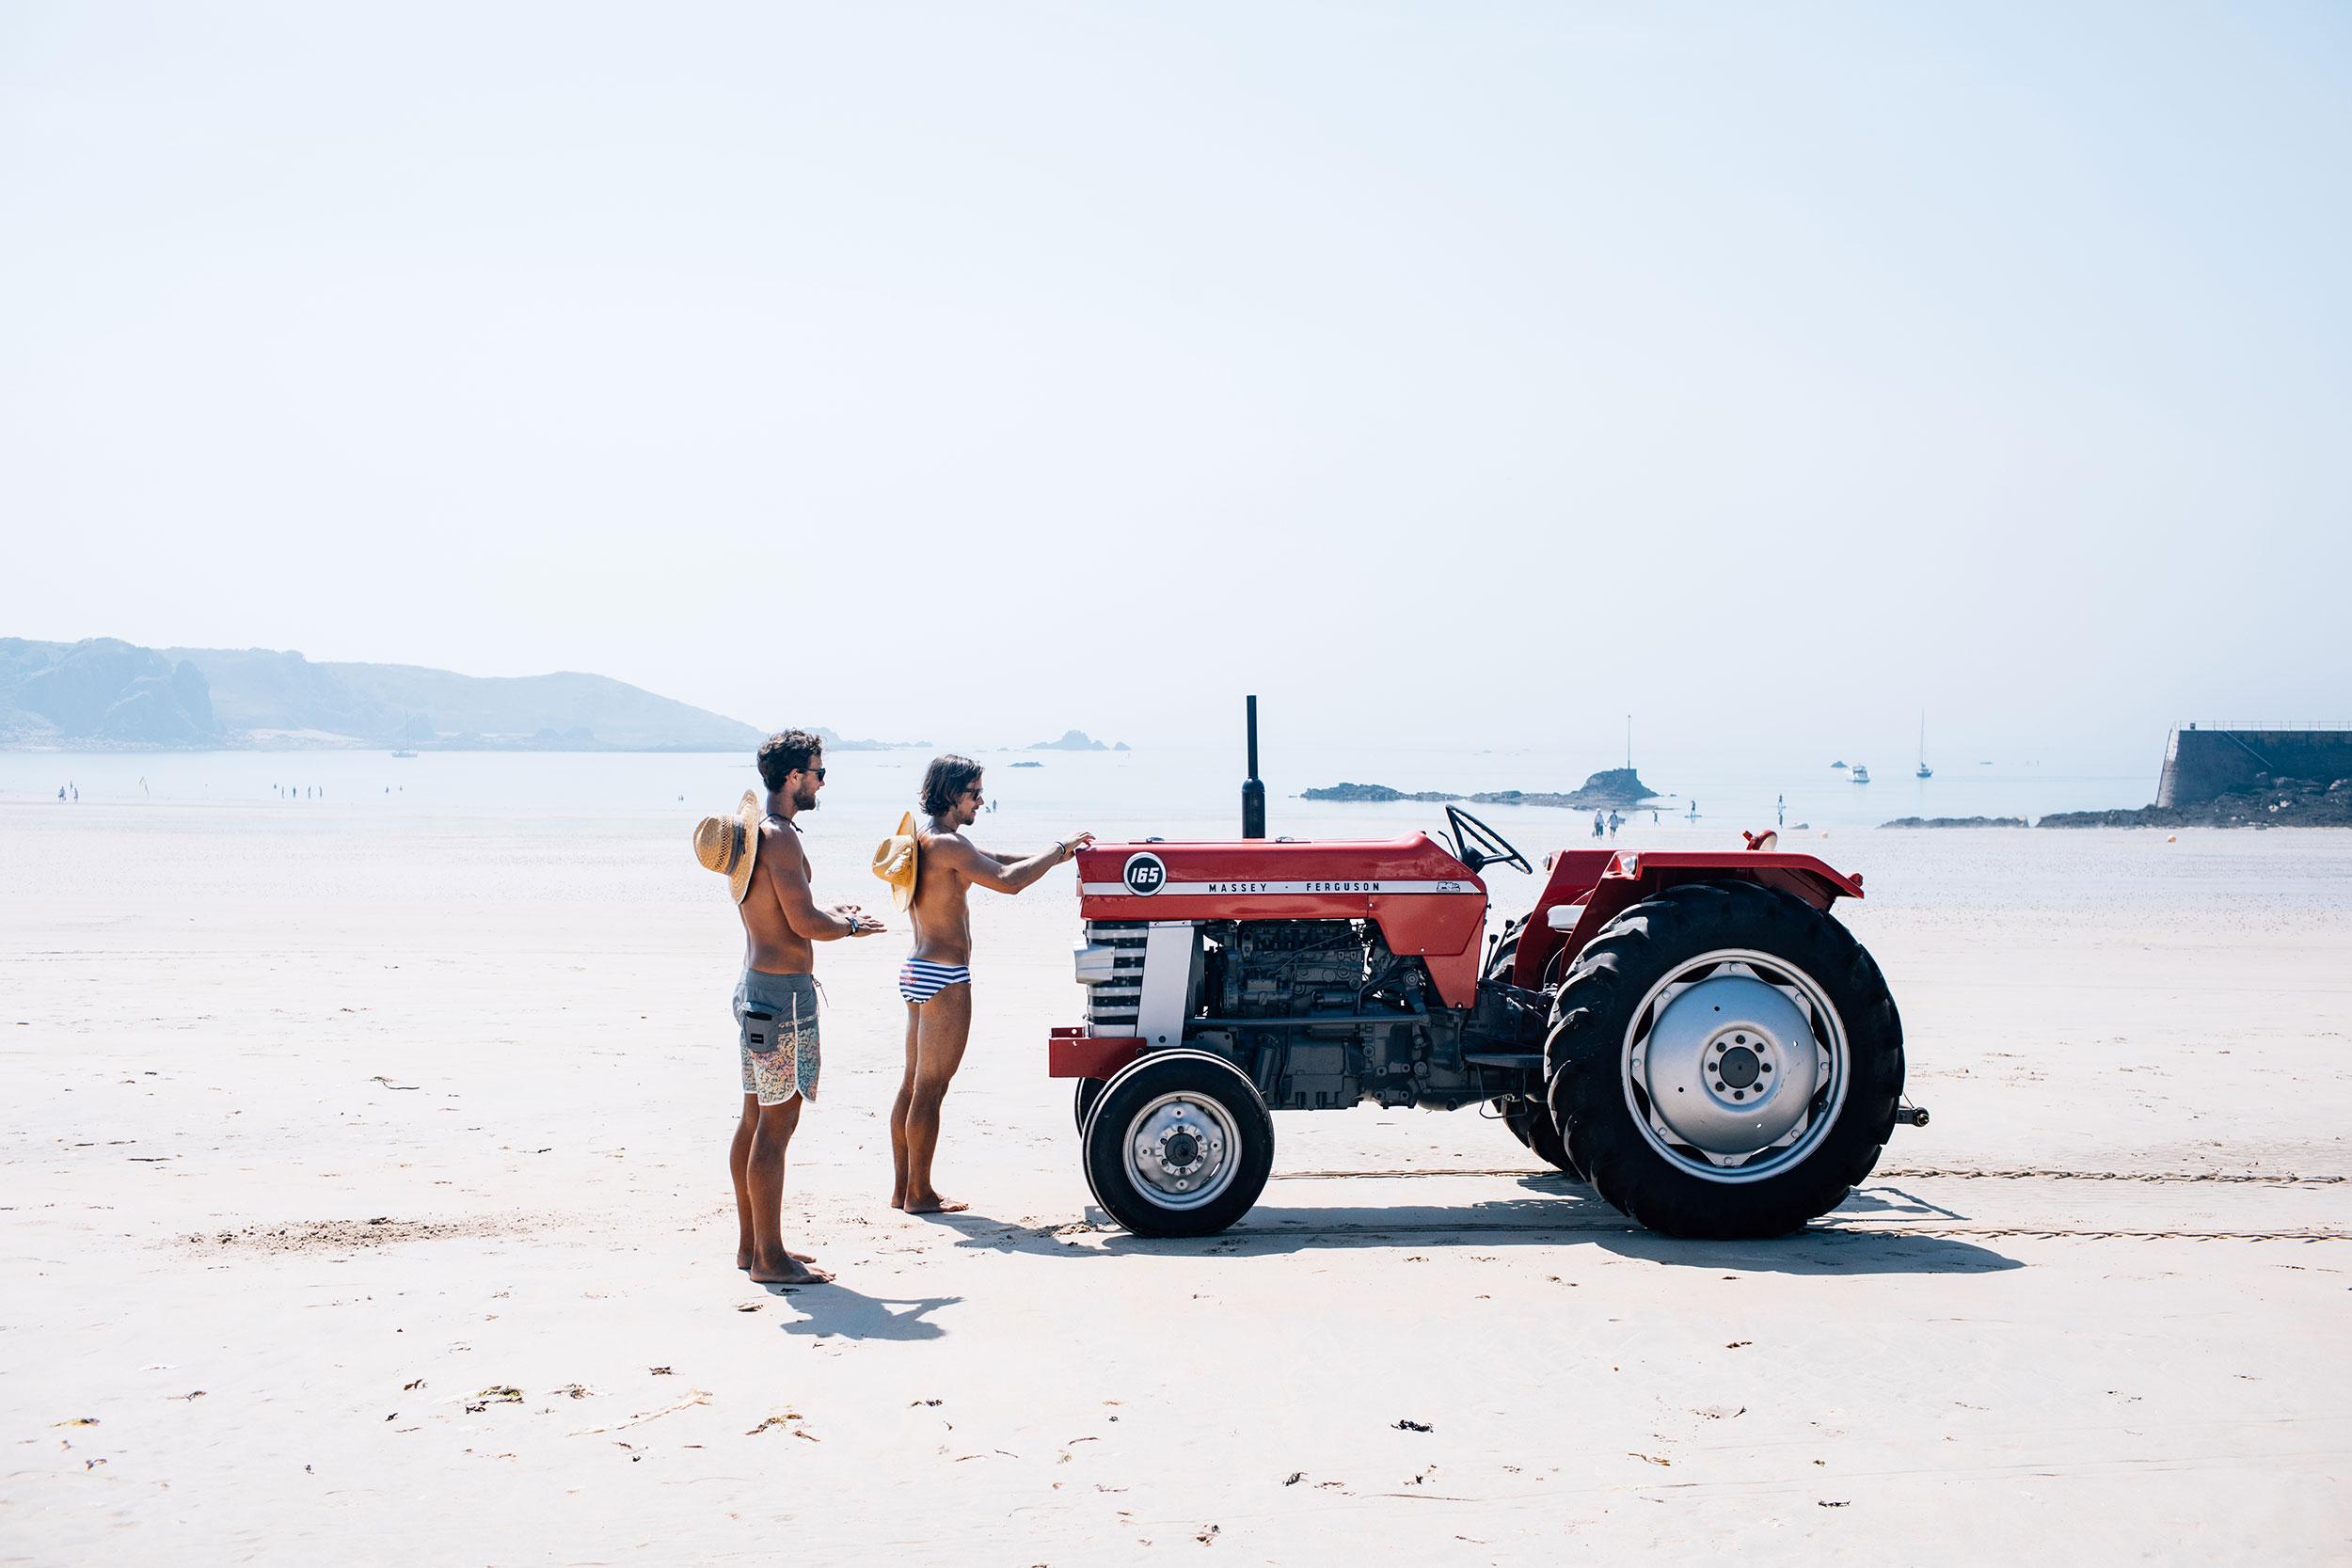 Tractorporn_0002_7739.jpg